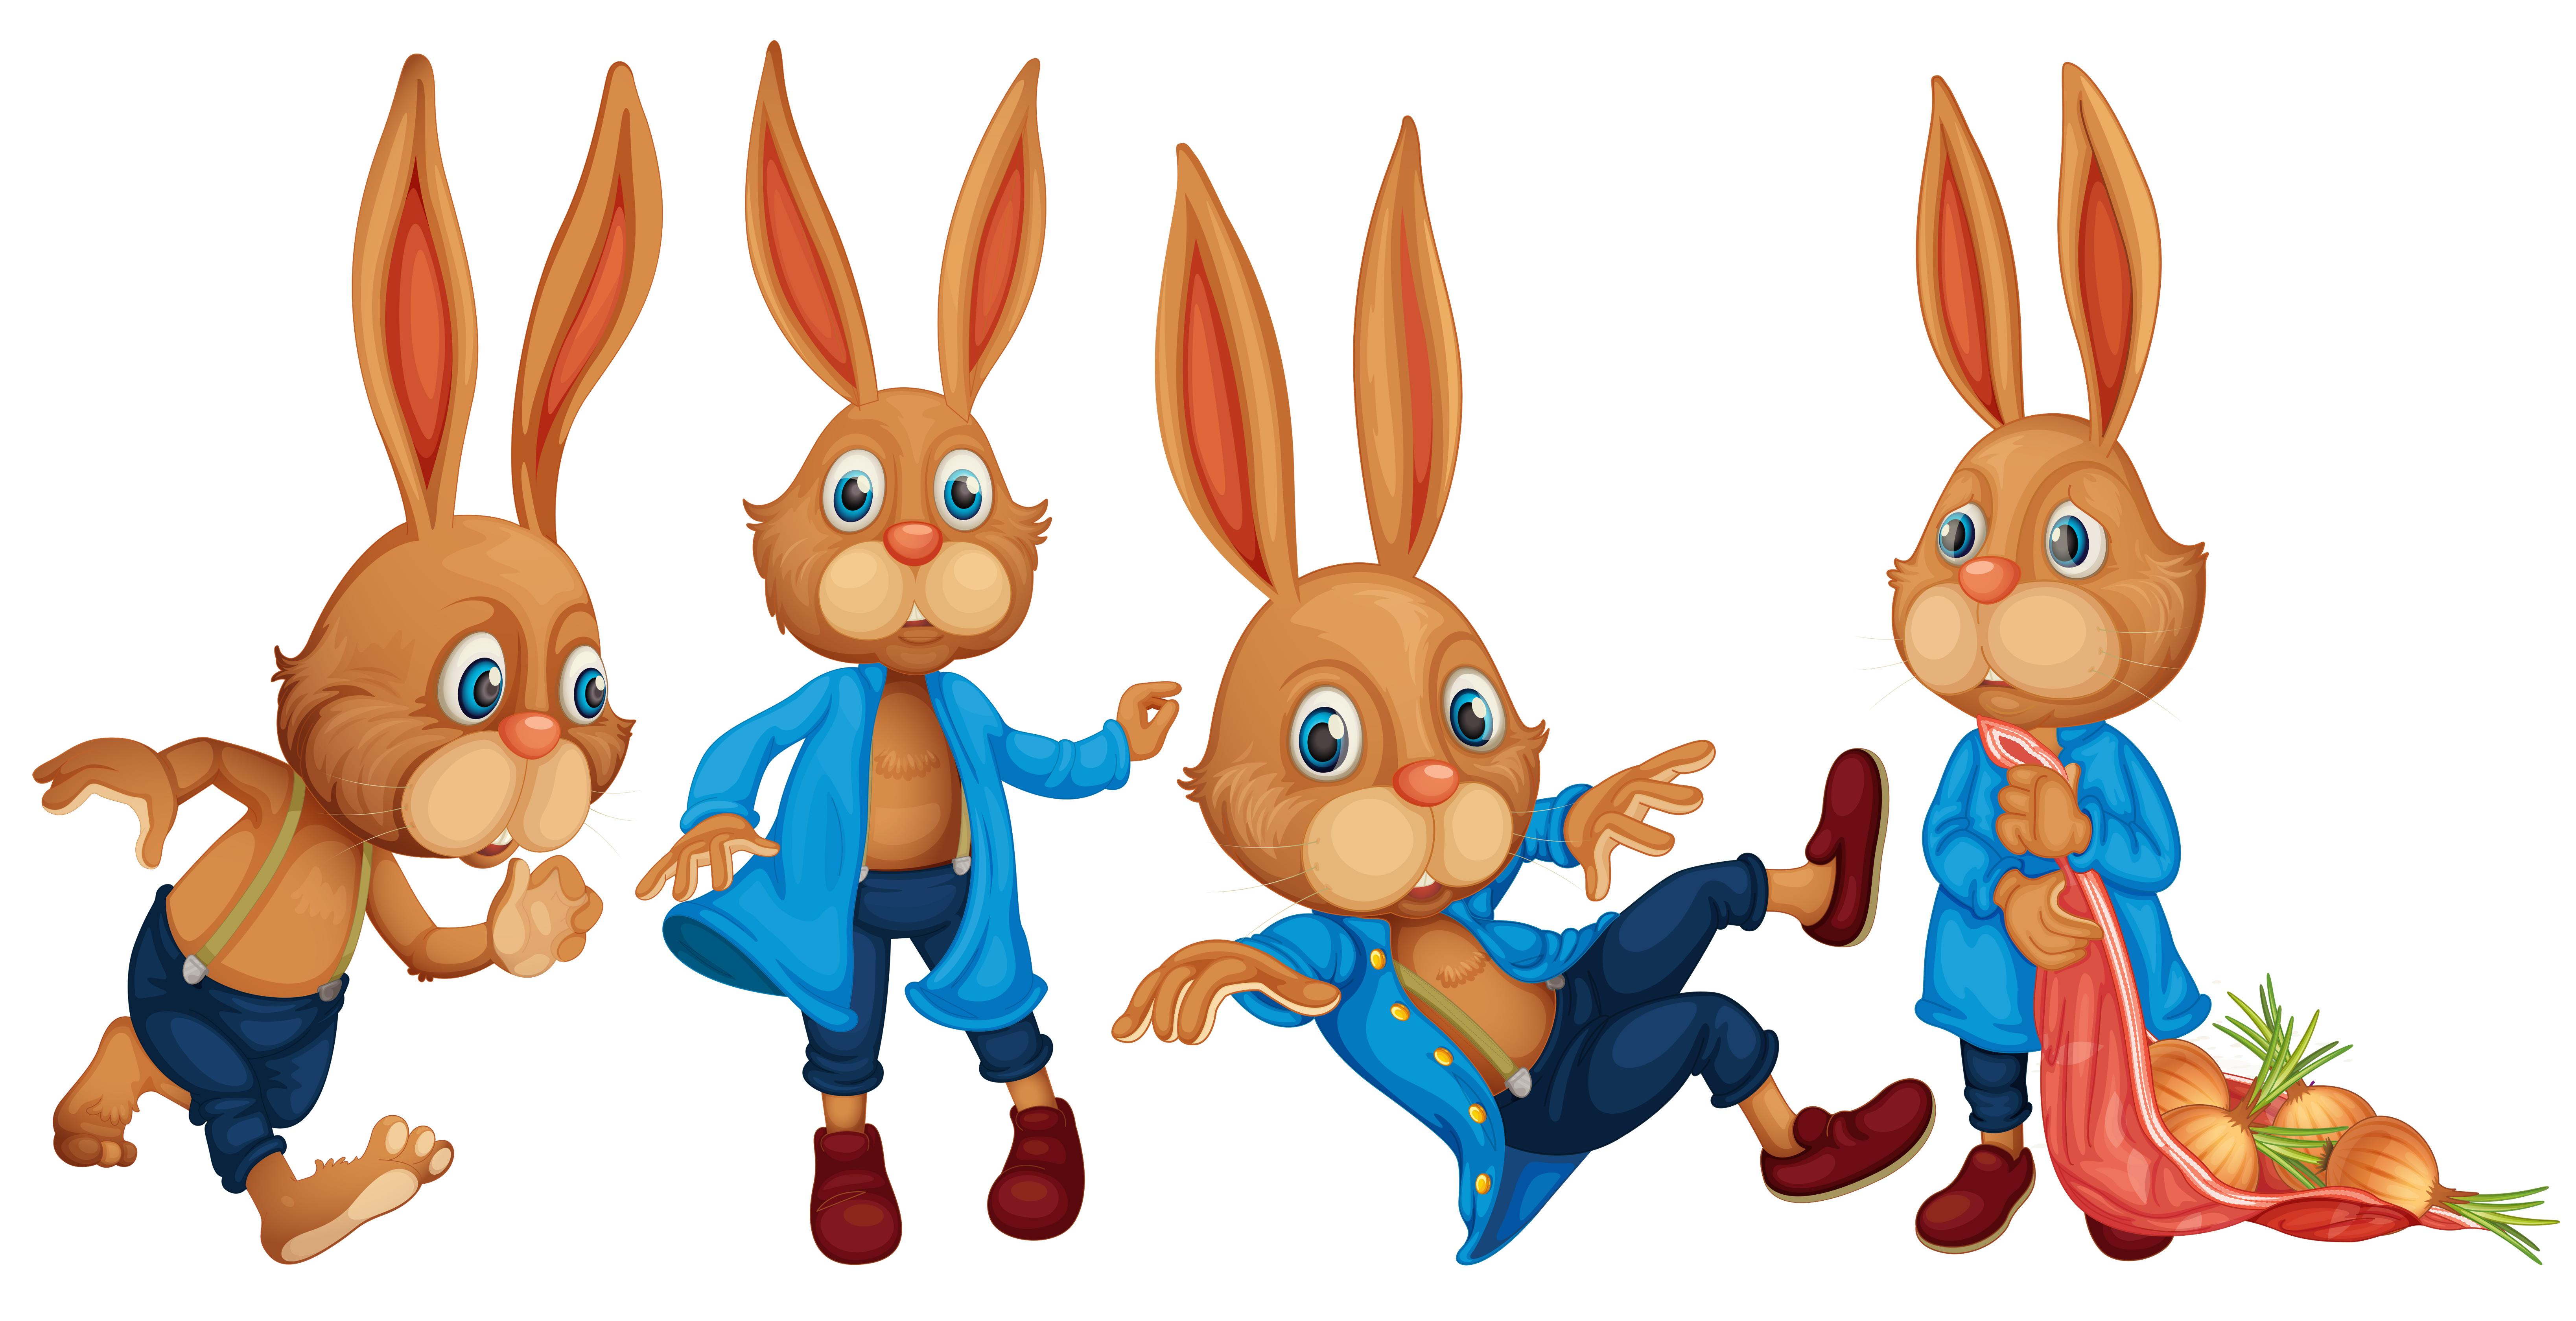 兔子圖 免費下載 | 天天瘋後製